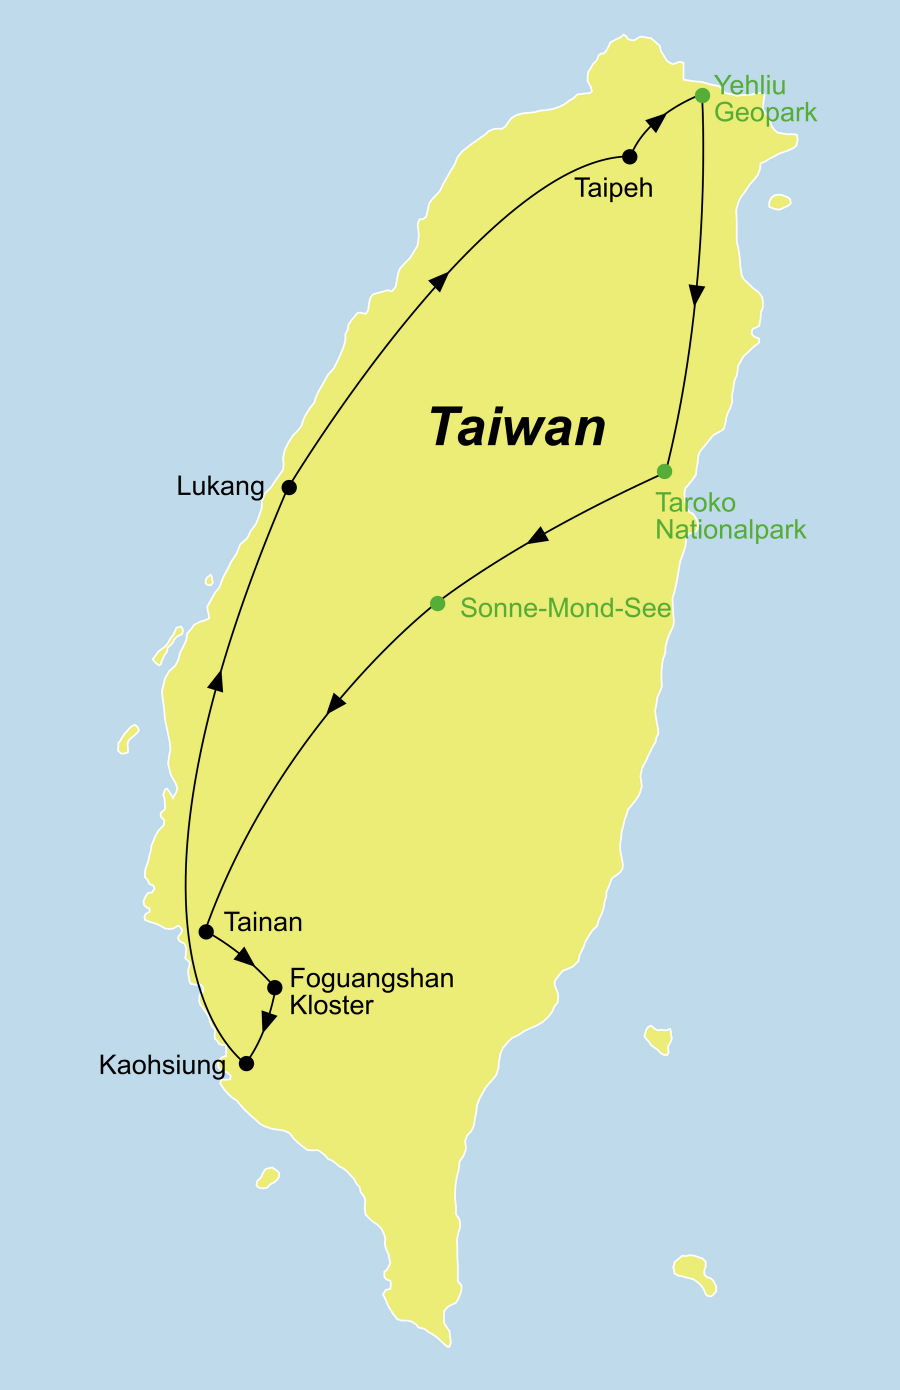 Die Taiwan kompakt Rundreise führt von Taipeh über den Tarolo Nationalpark, den Sonne-Mond-See, Tainan, das Foguangshan Kloster, Kaoshiung und Luhang zurück nach Taipeh.